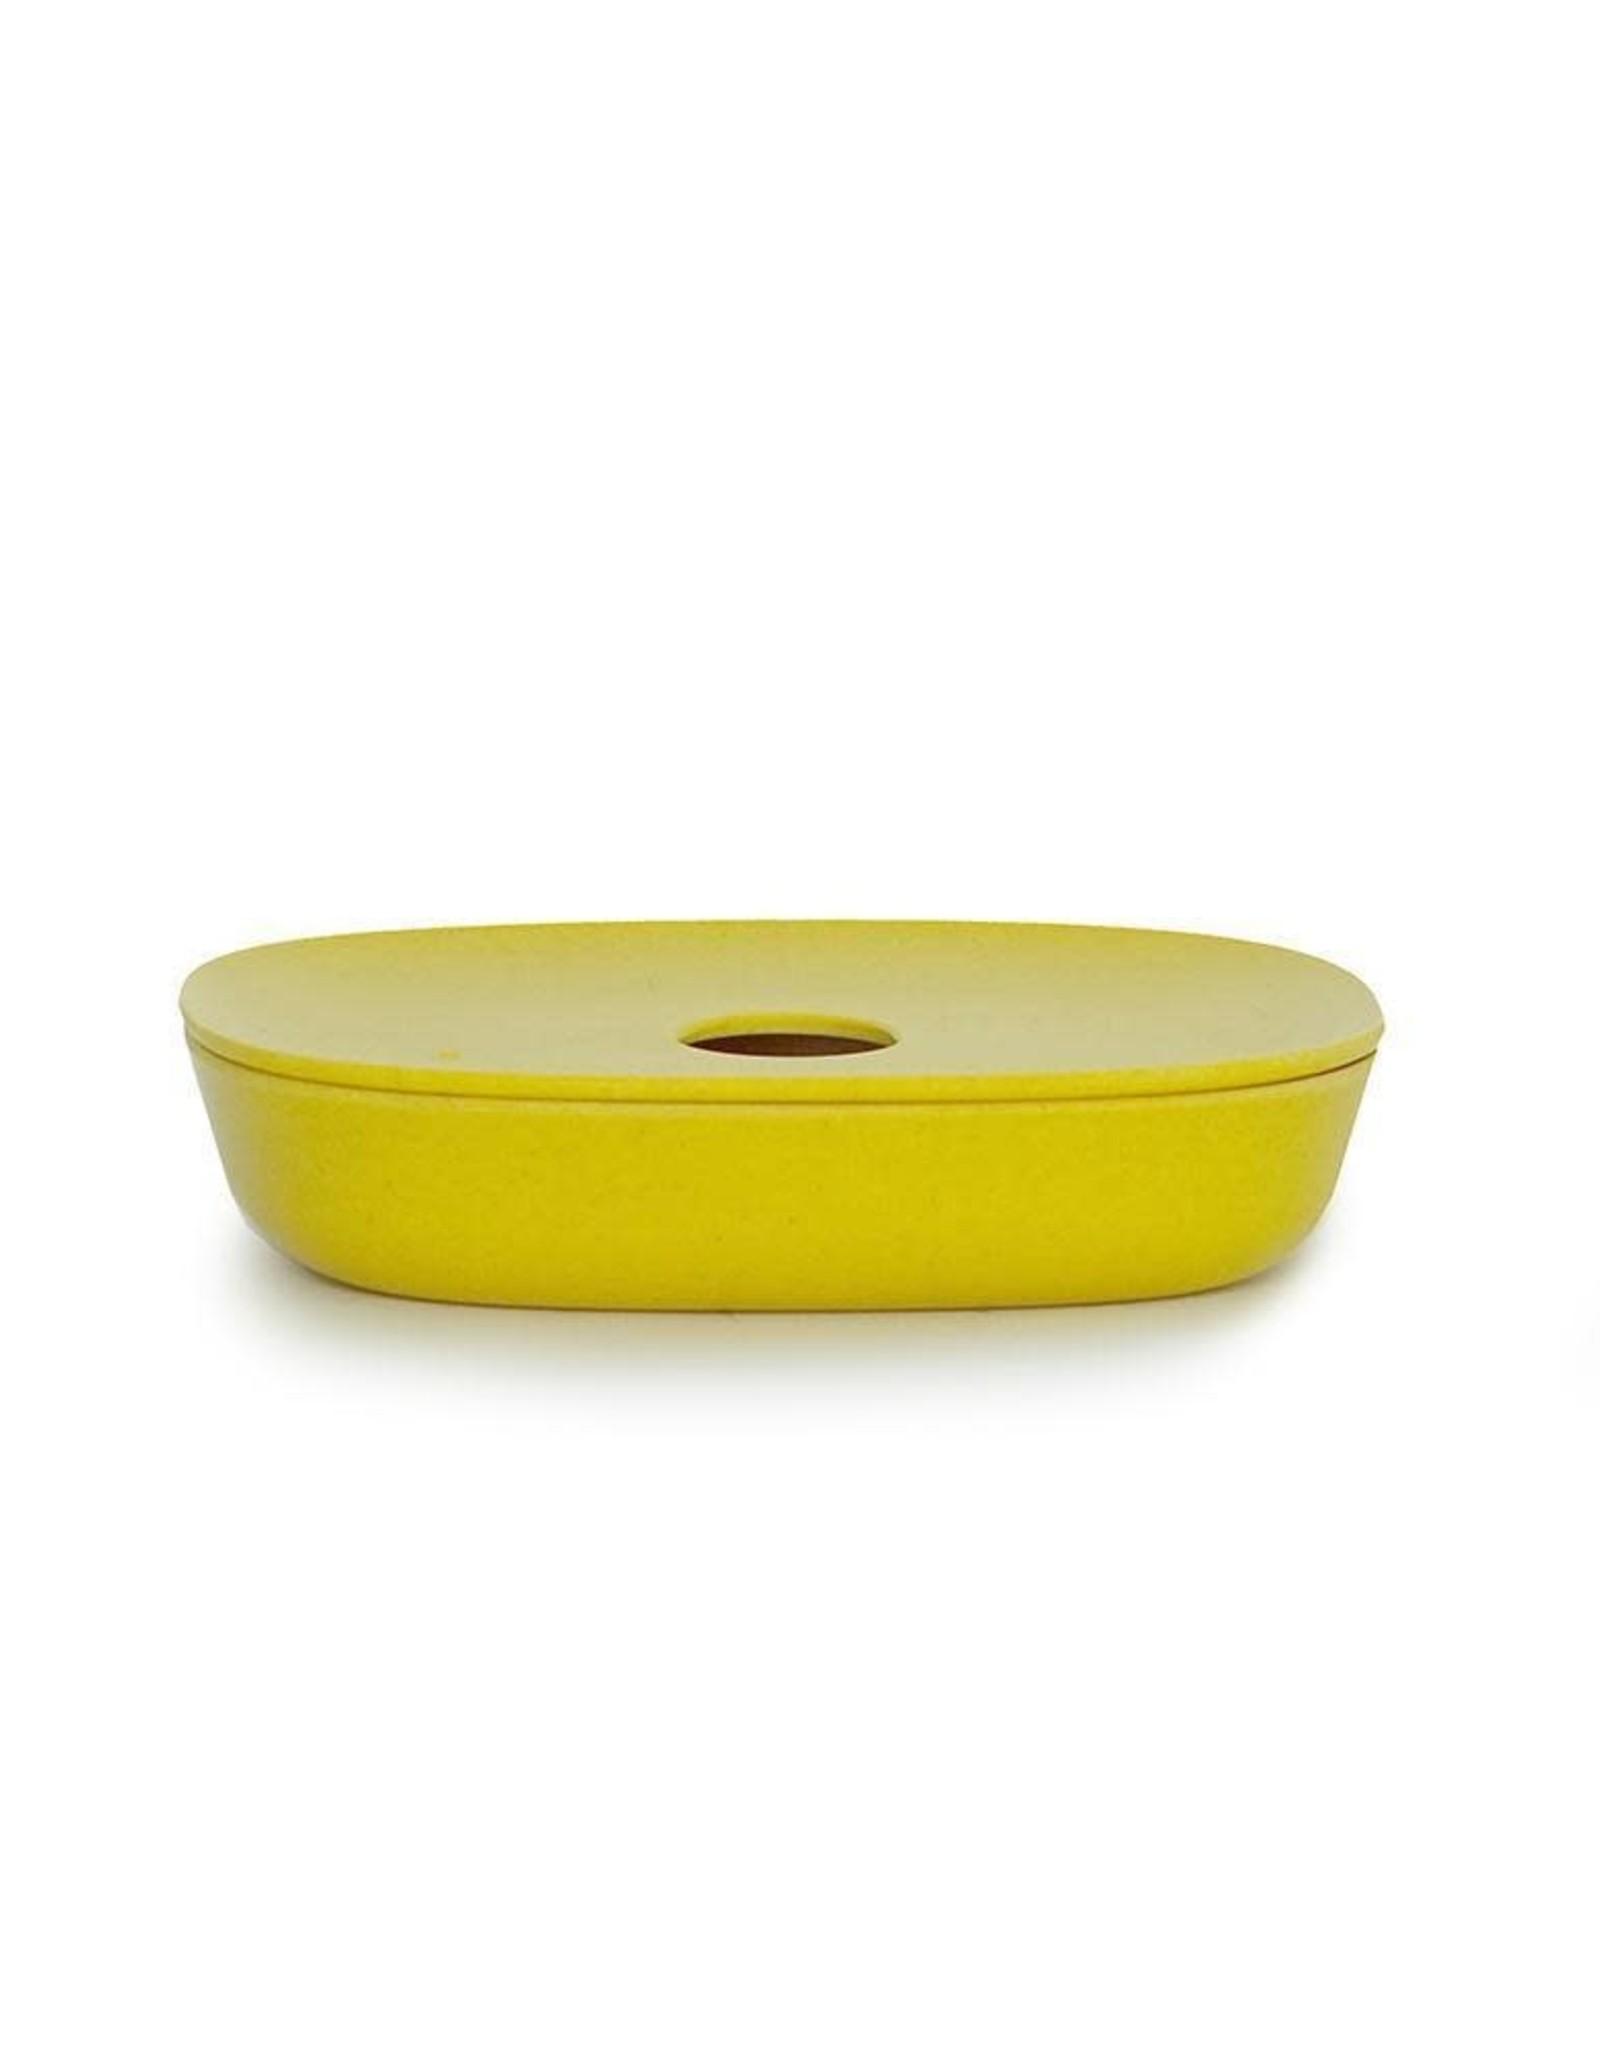 EKOBO USA Bano Soap Dish Lemon